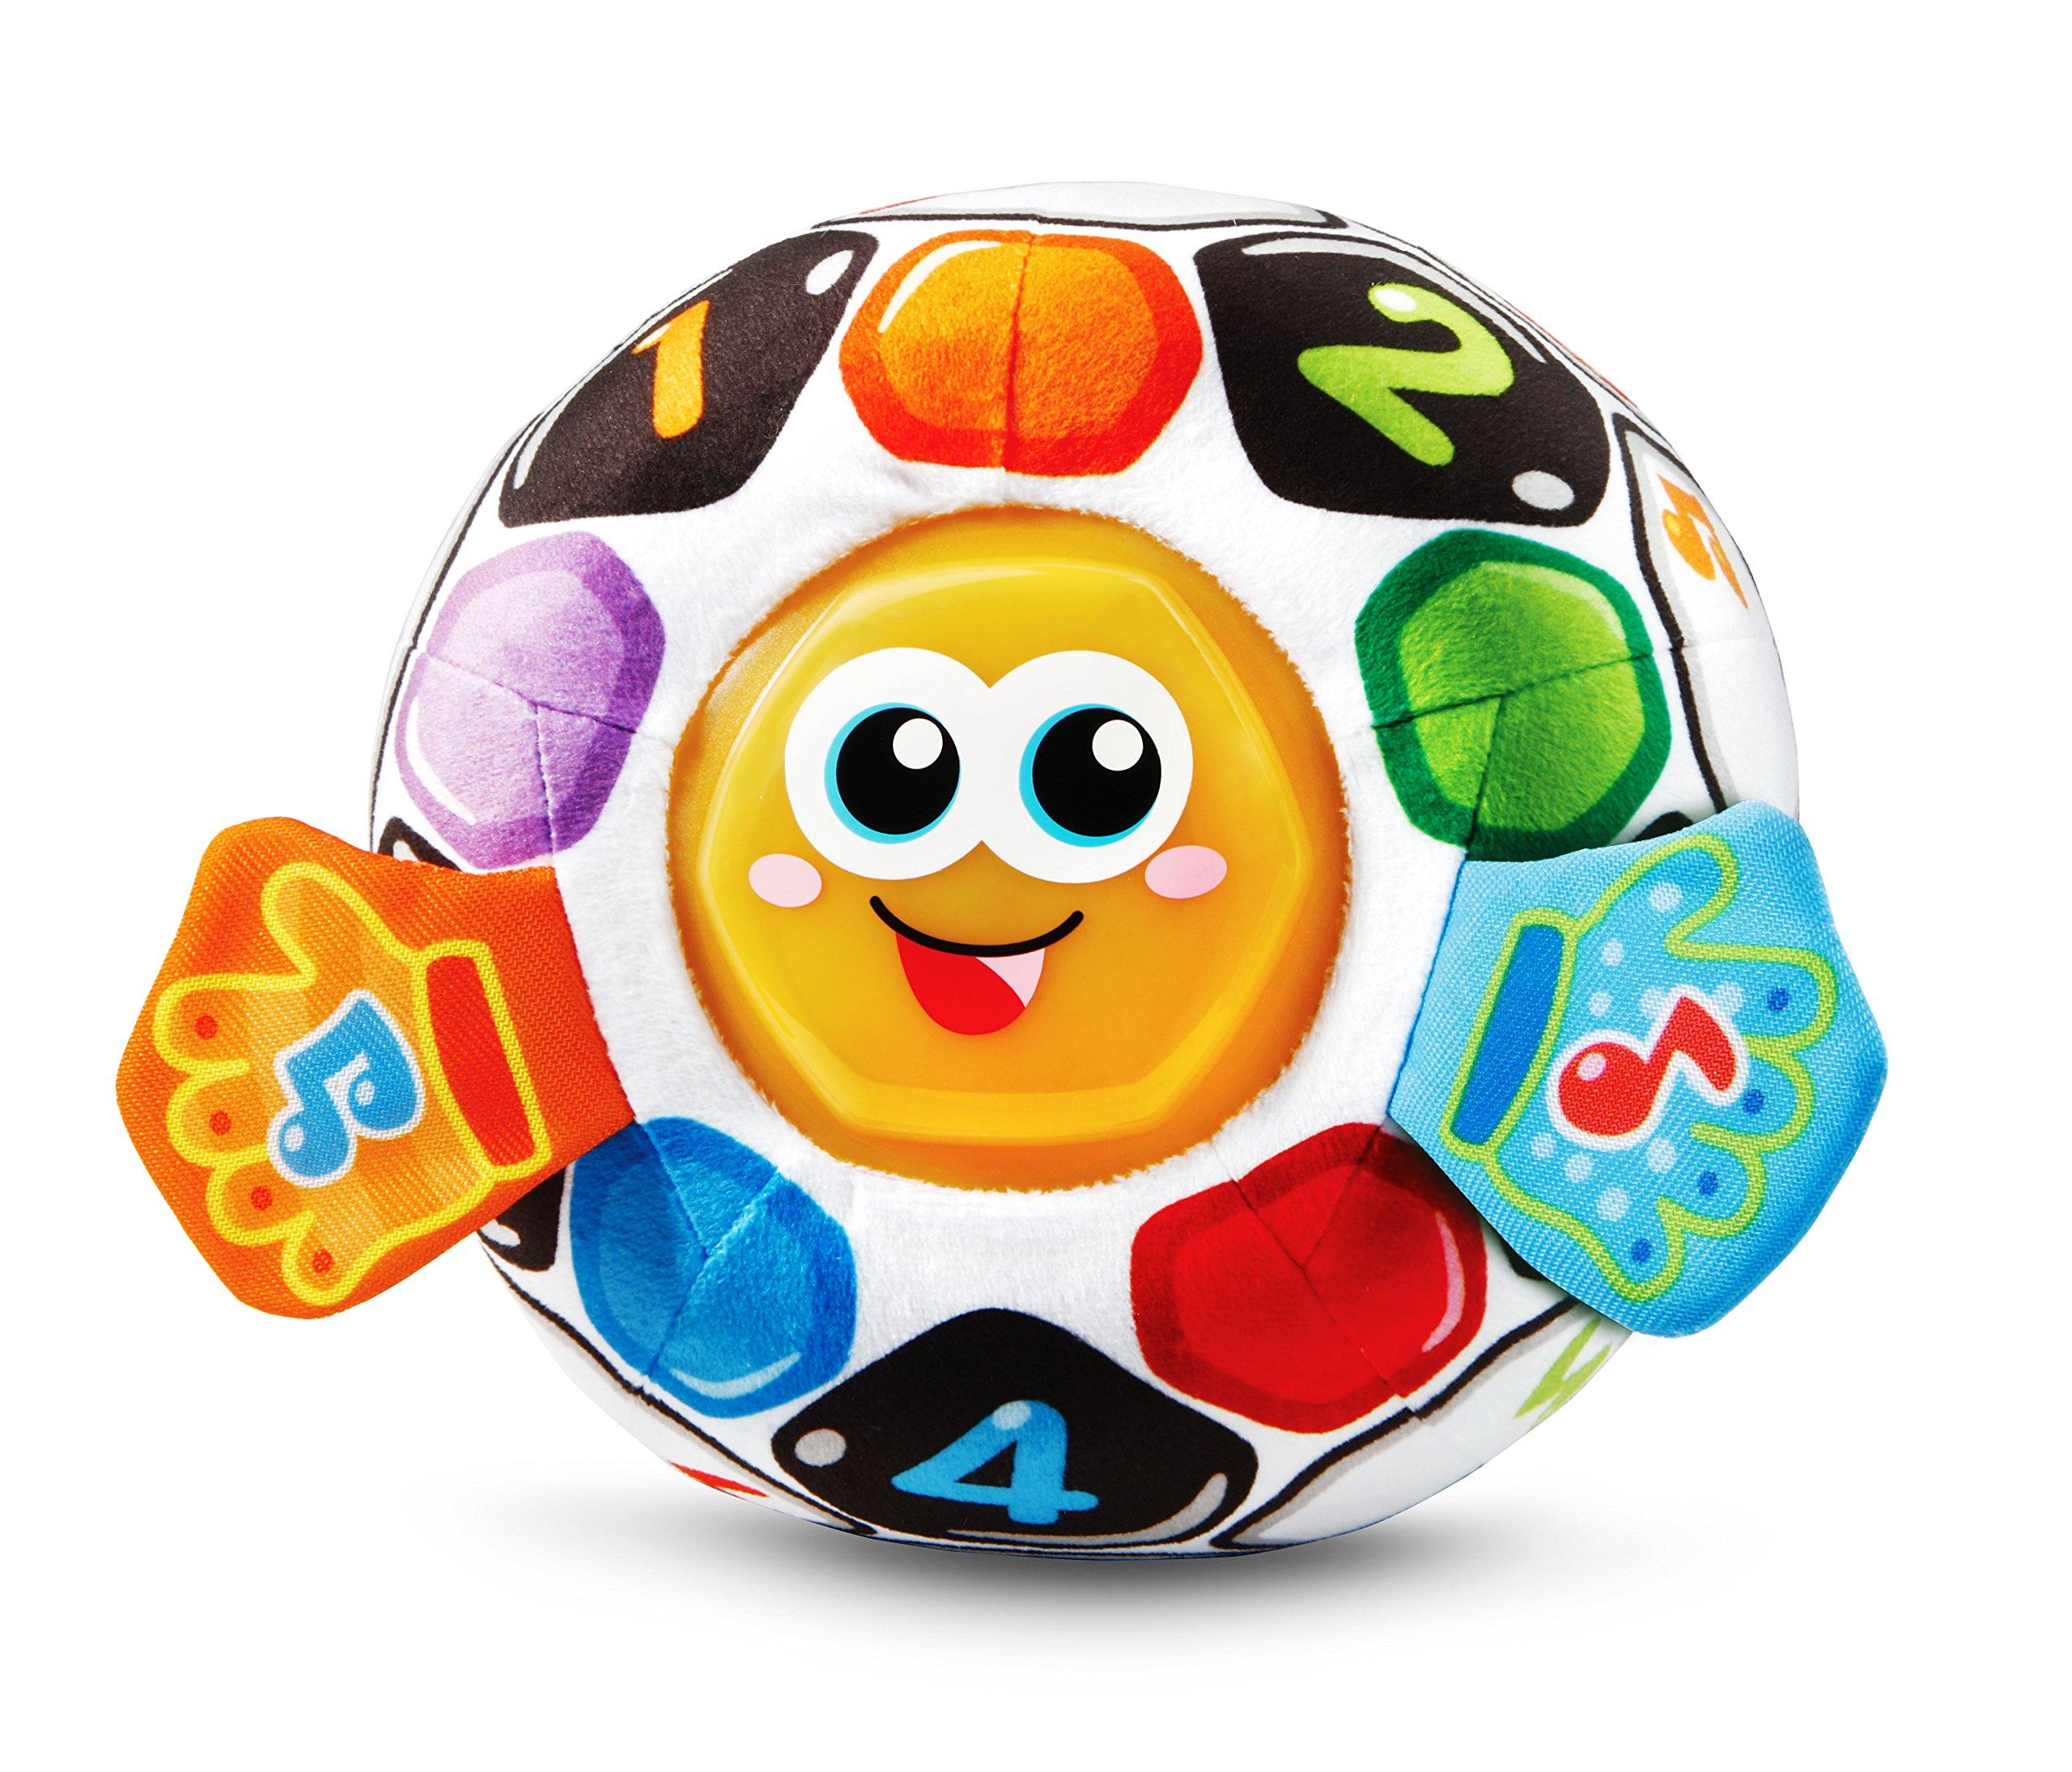 VTech Bright Lights Soccer Ball, Multicolor by VTech